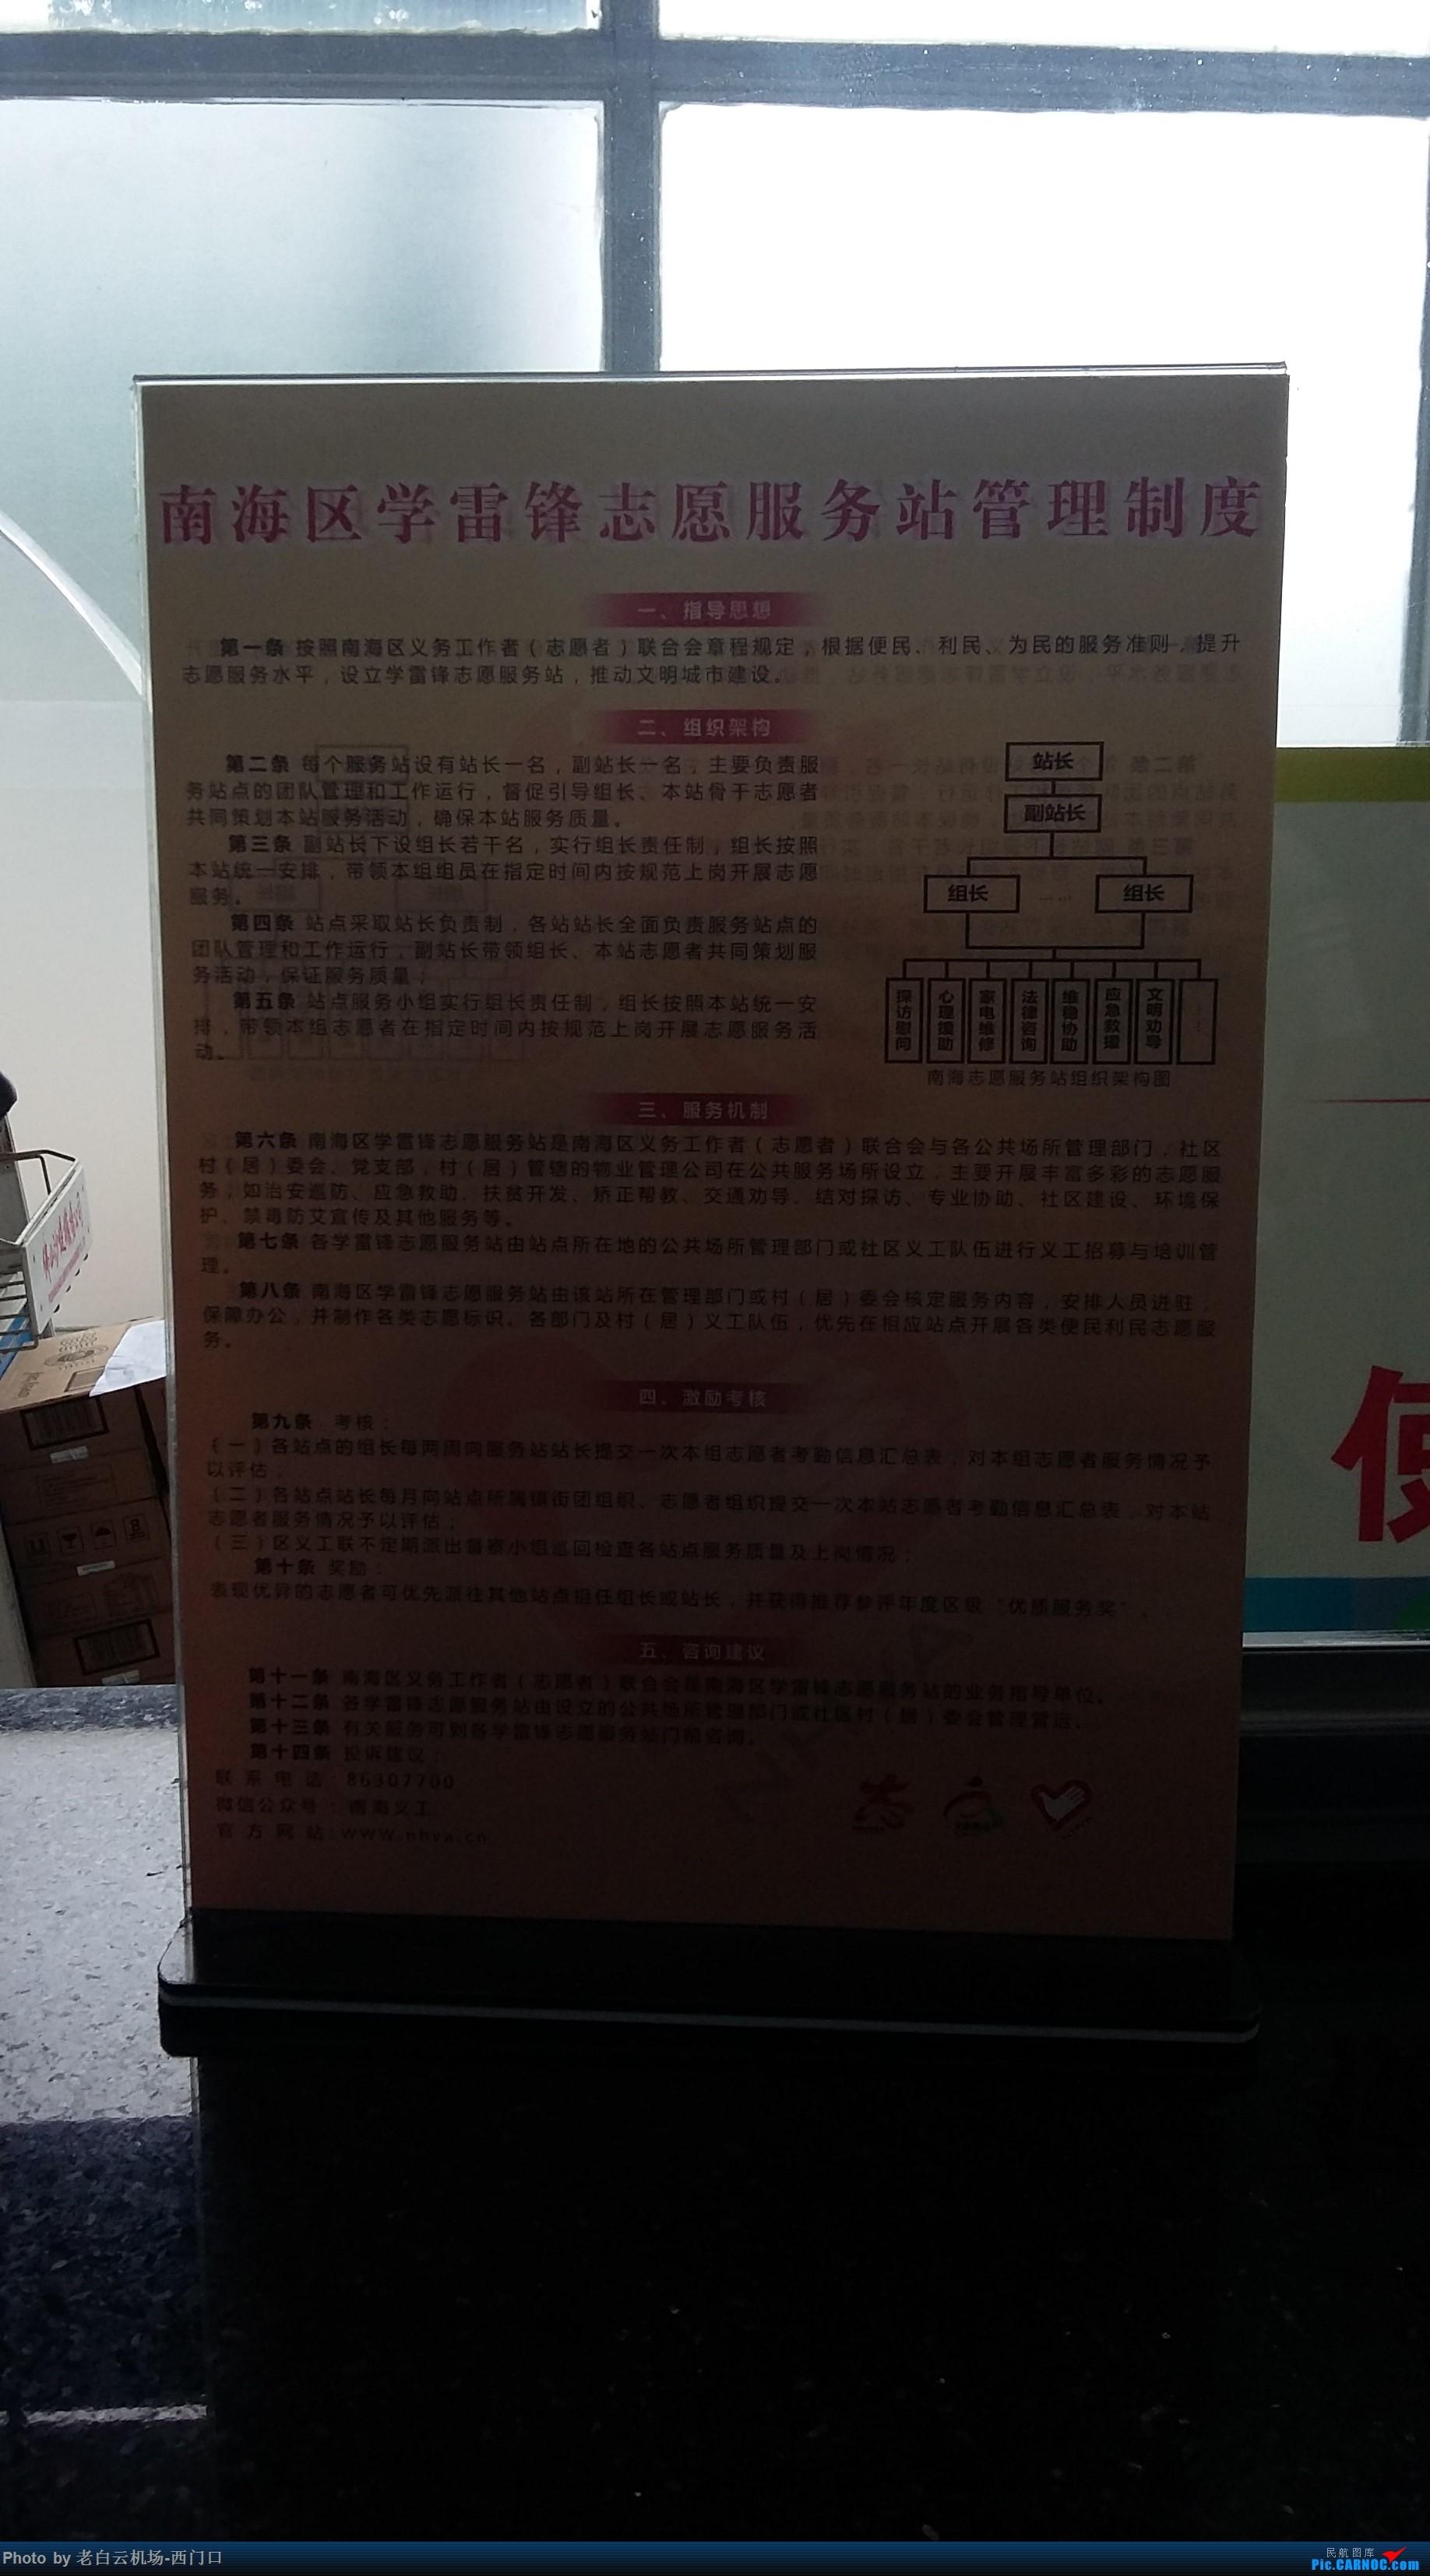 Re:【梁泽希飞行游记1】美丽国都,幸福家园(第一季)    中国佛山沙堤机场